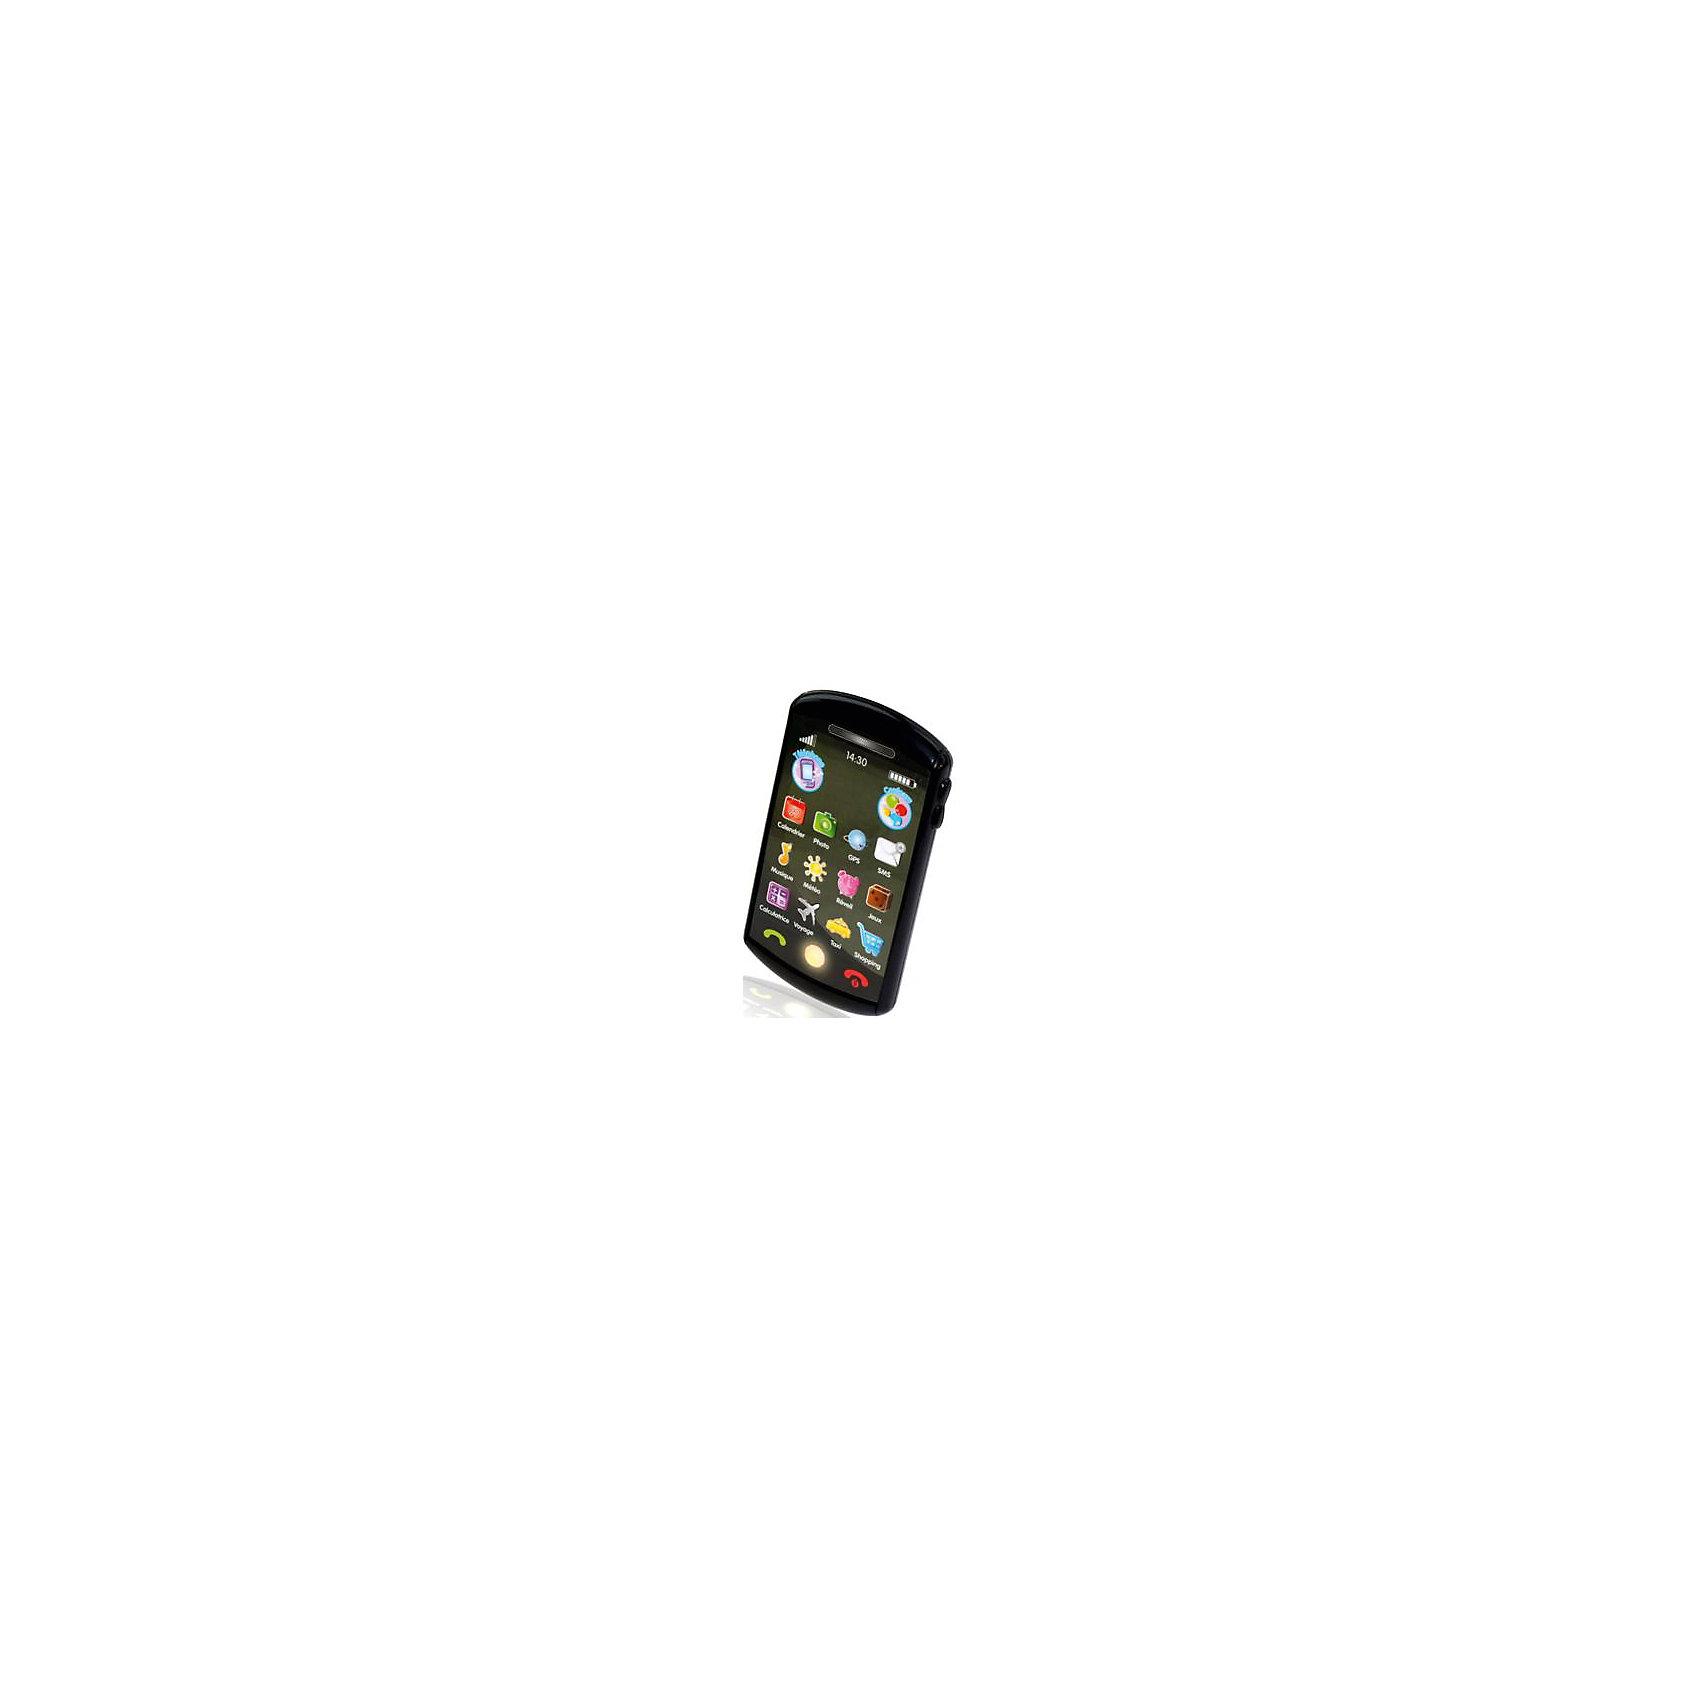 Мини-смартфон Kidz Delight, 1toy